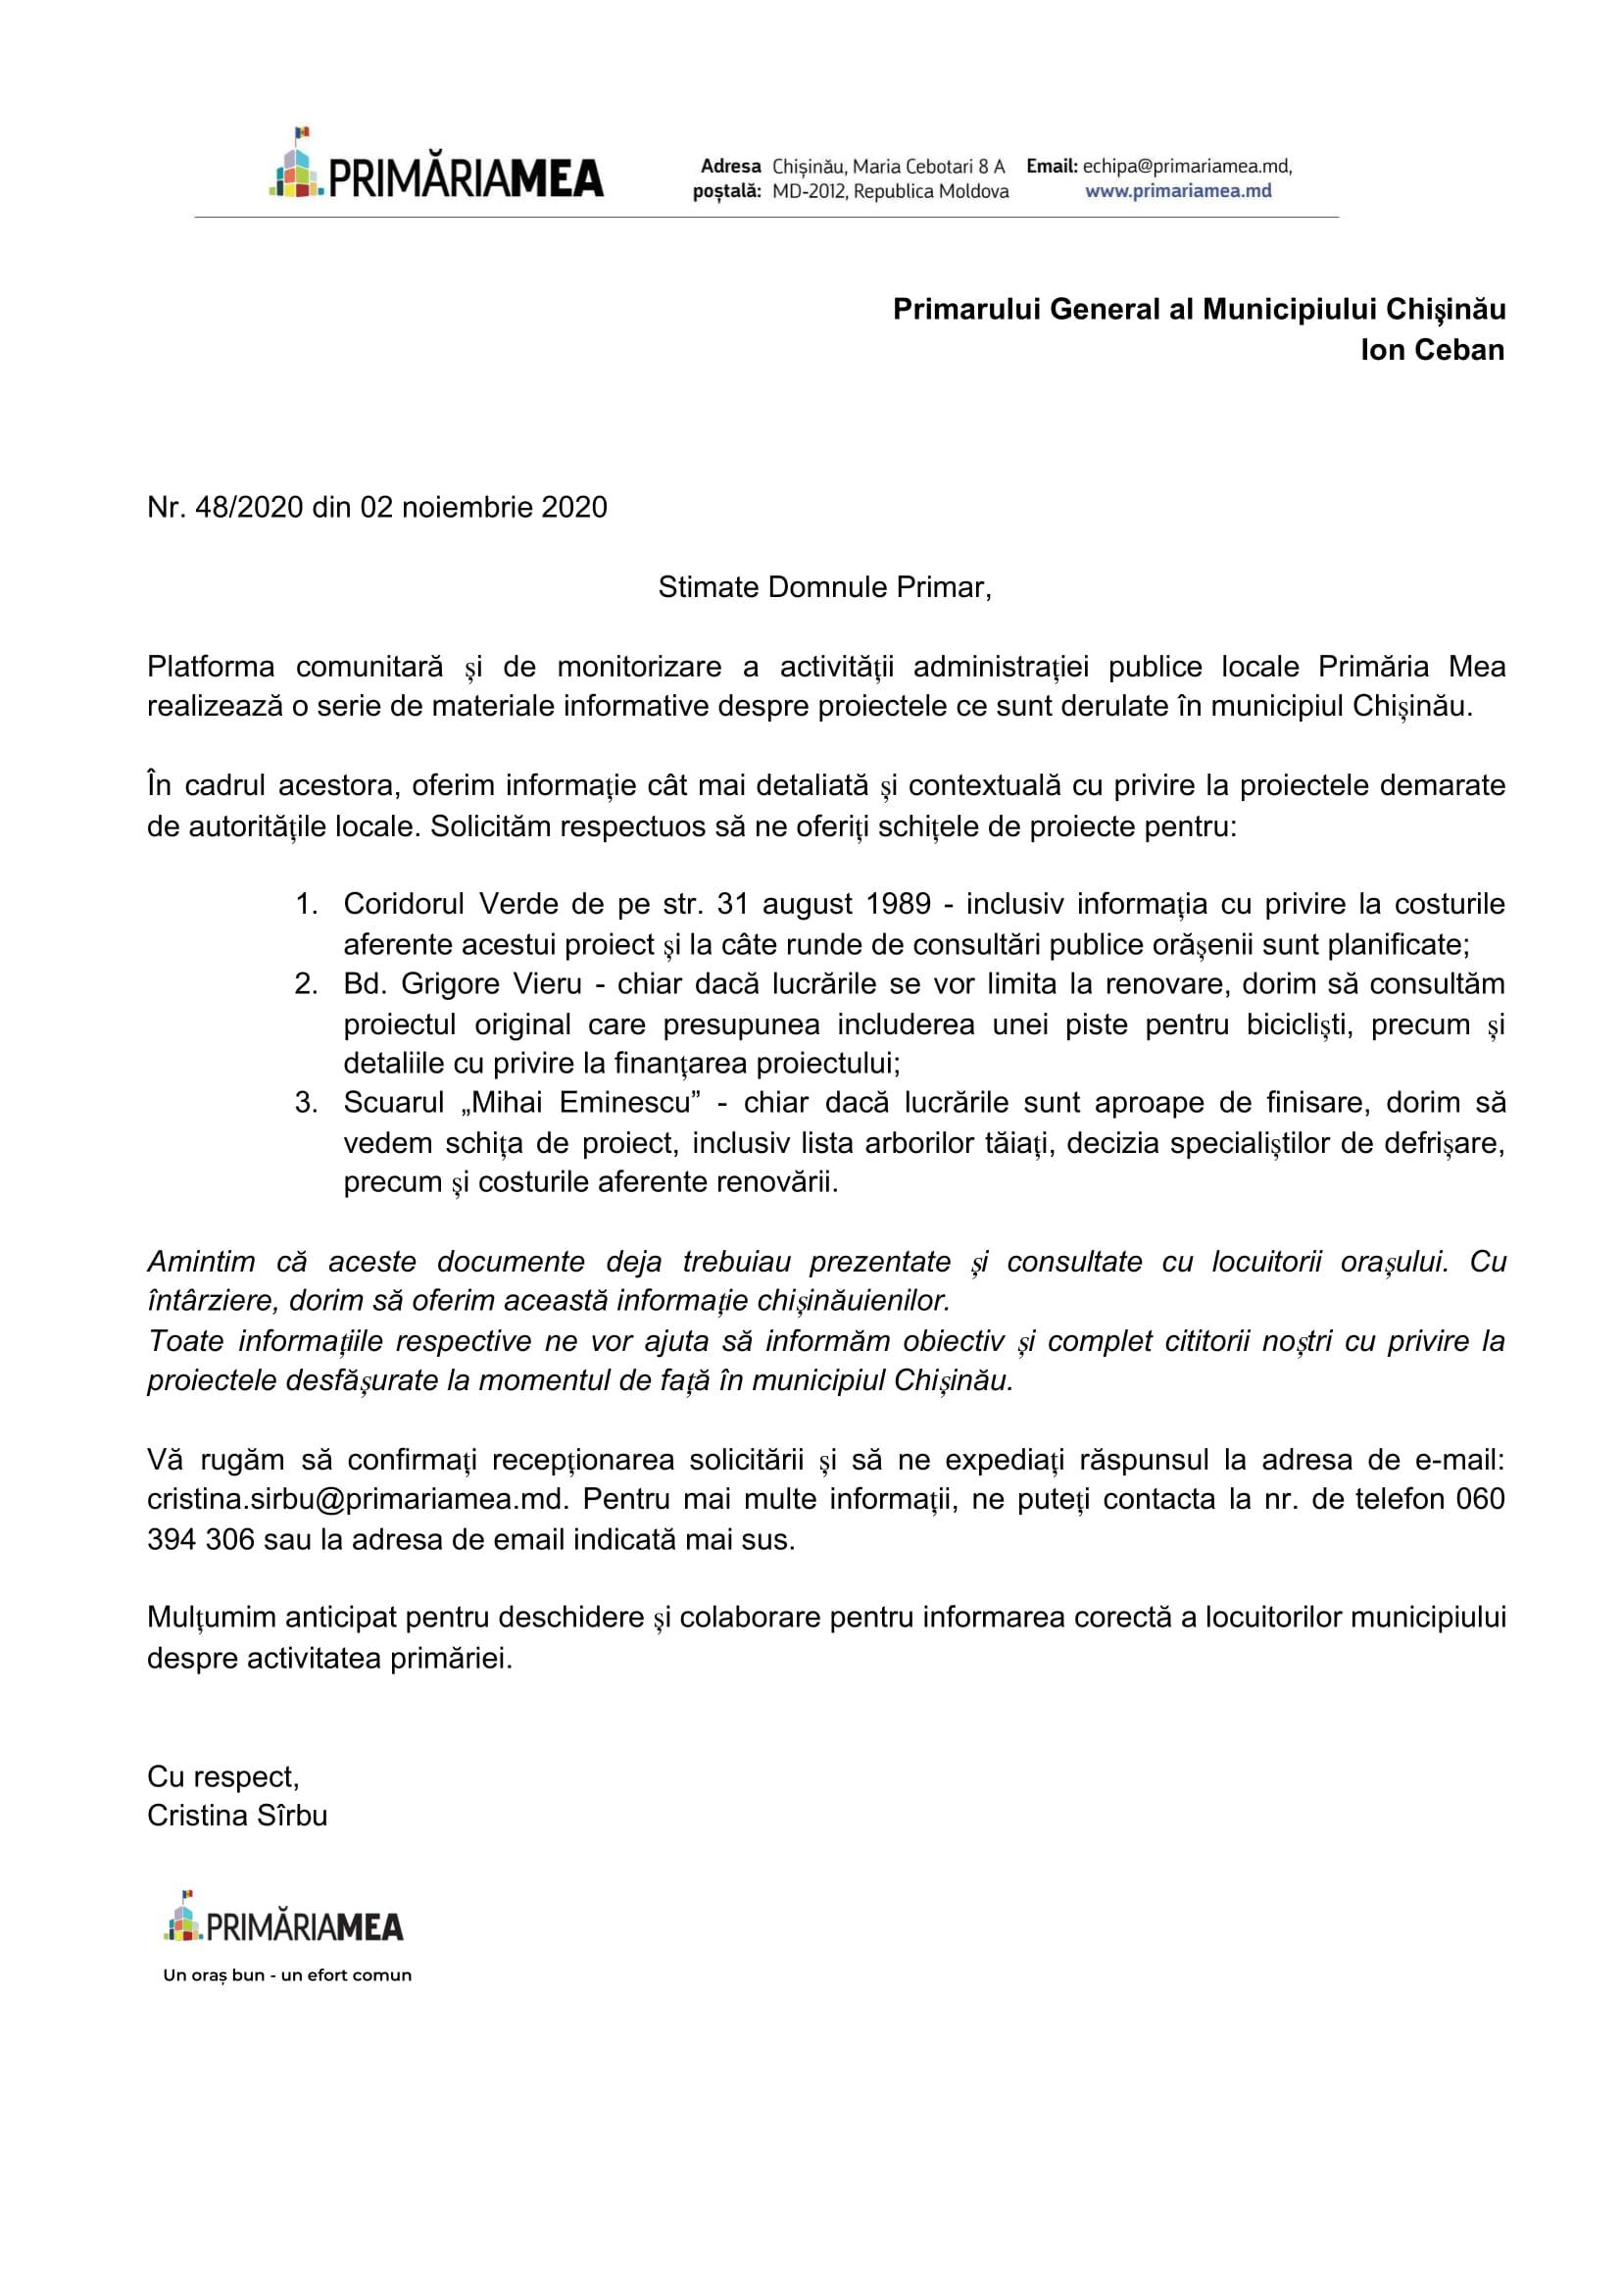 Solicitare de informație adresată lui Ion Ceban. Sursă: Primăria Mea